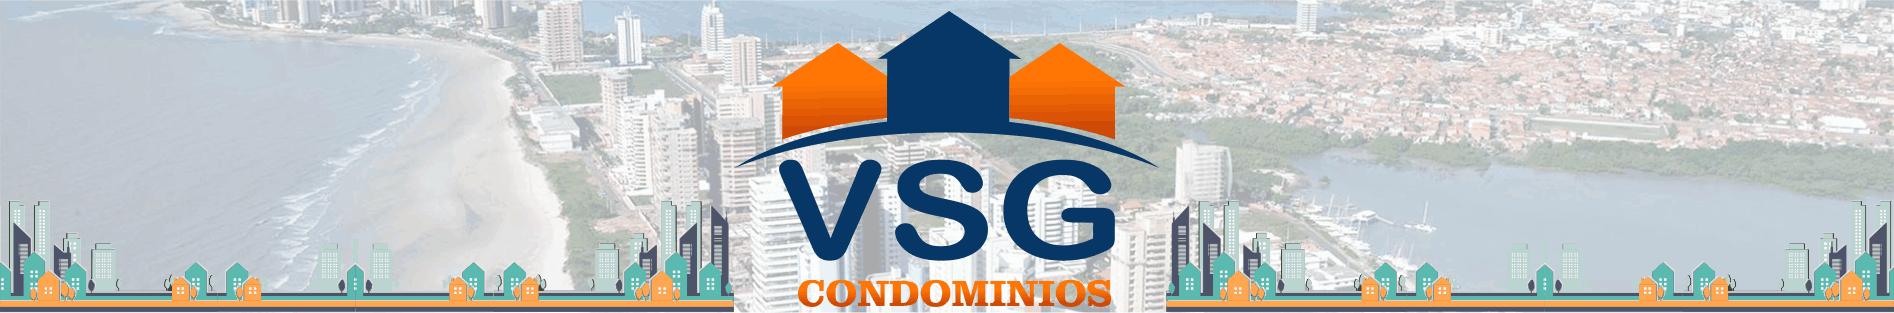 VSG Administradora de Condomínios e Serviços